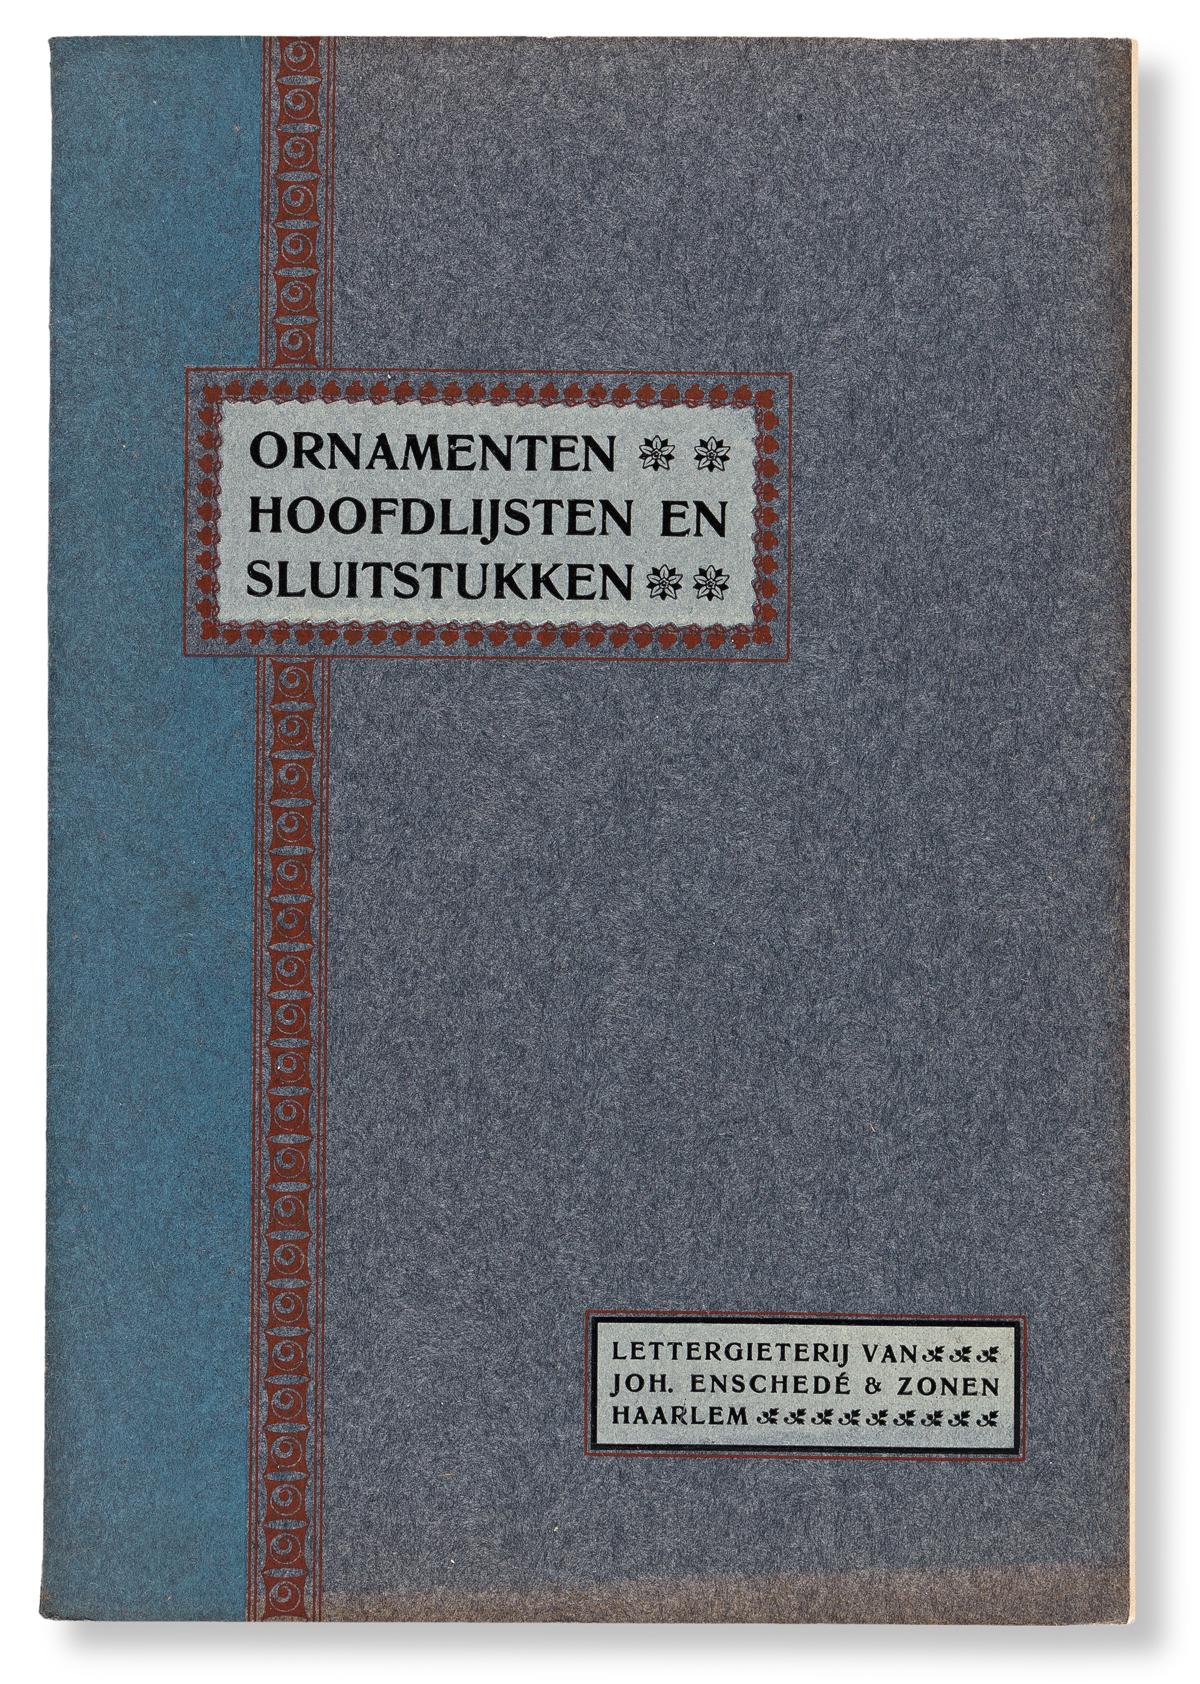 [SPECIMEN BOOK — JOHAN ENSCHEDÉ]. Ornamenten Hoofdlijsten en Sluitstukken. Joh. Enschedé & Zonen, Haarlem, 1904.